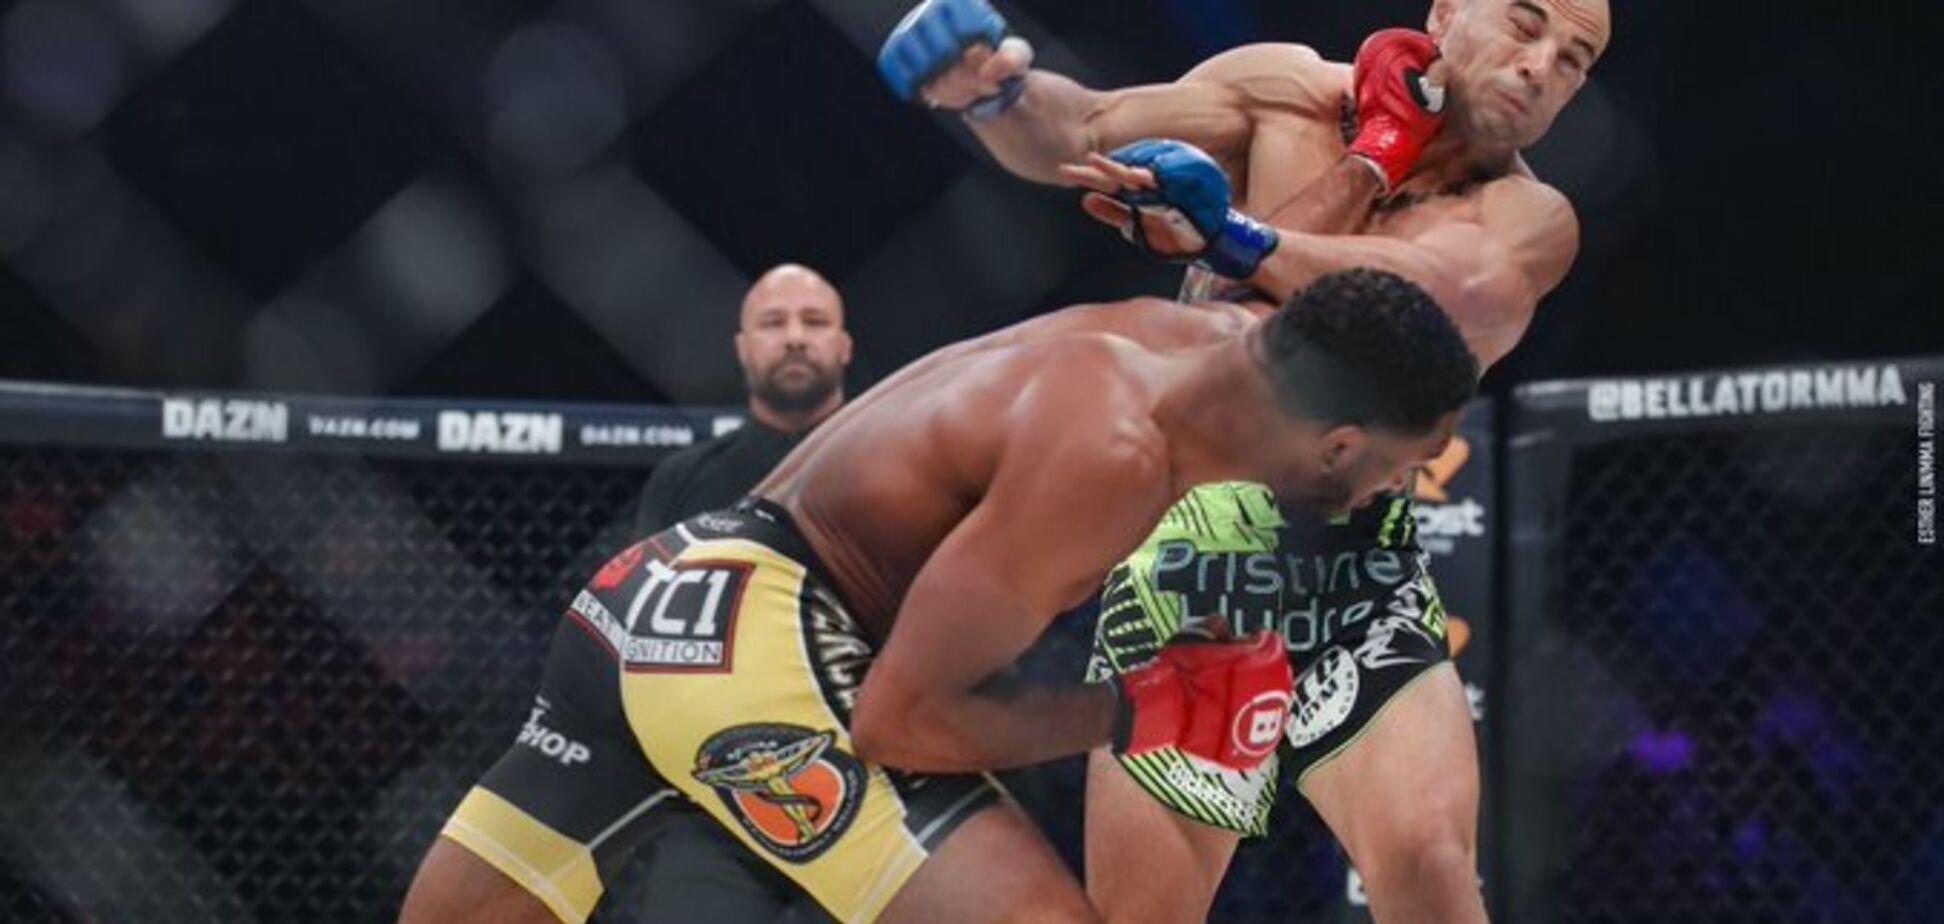 Боєць MMA убивчим нокаутом повторив історичний рекорд — опубліковано відео